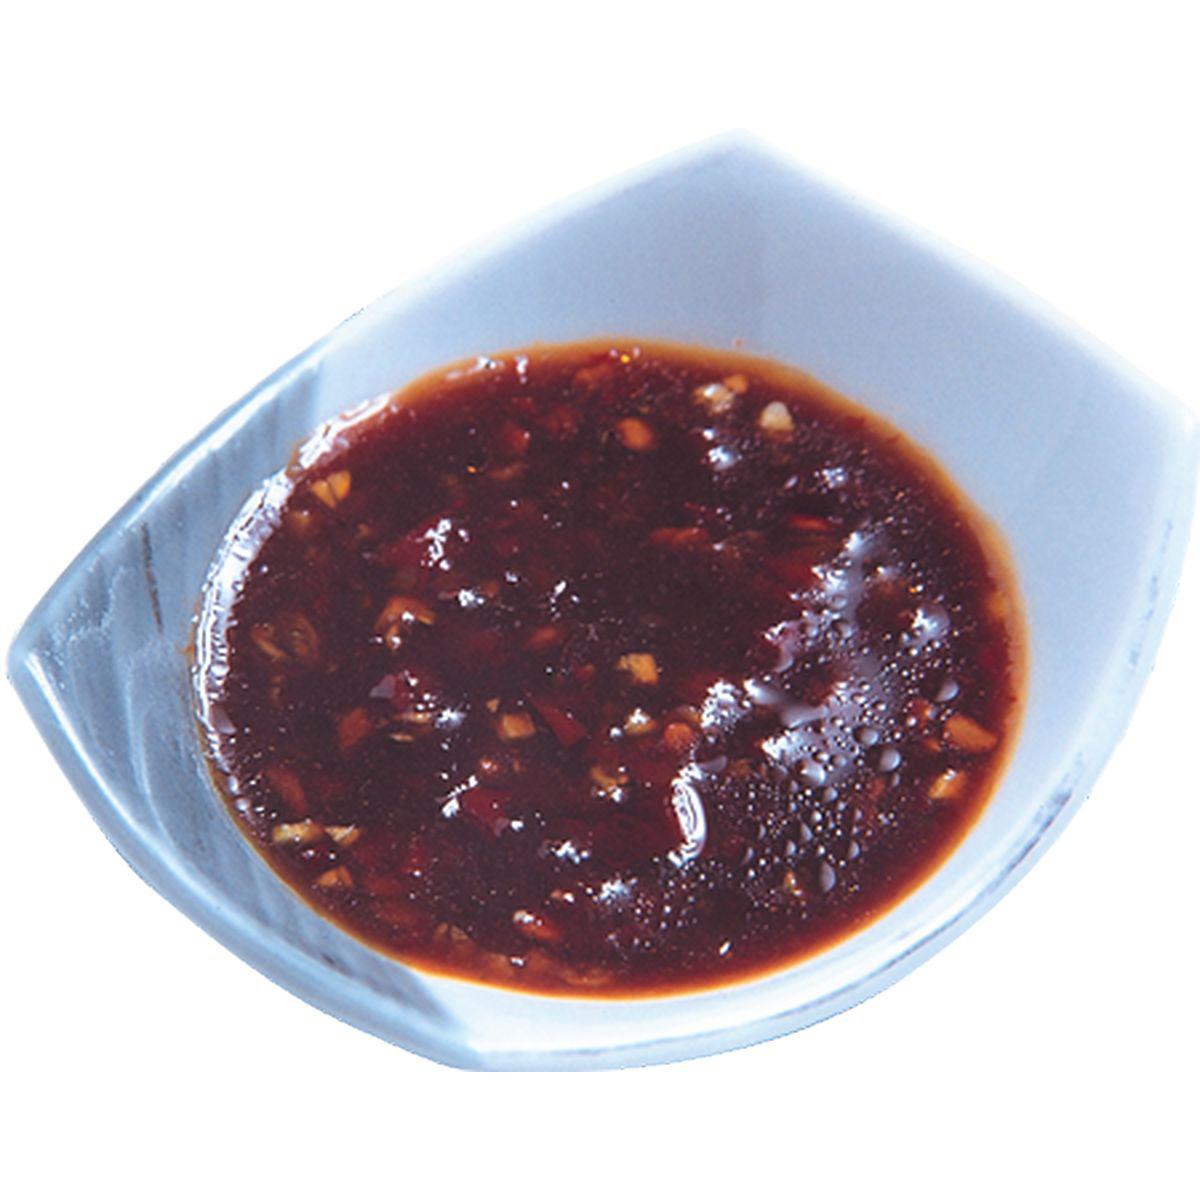 食譜:鮮魚鍋沾醬